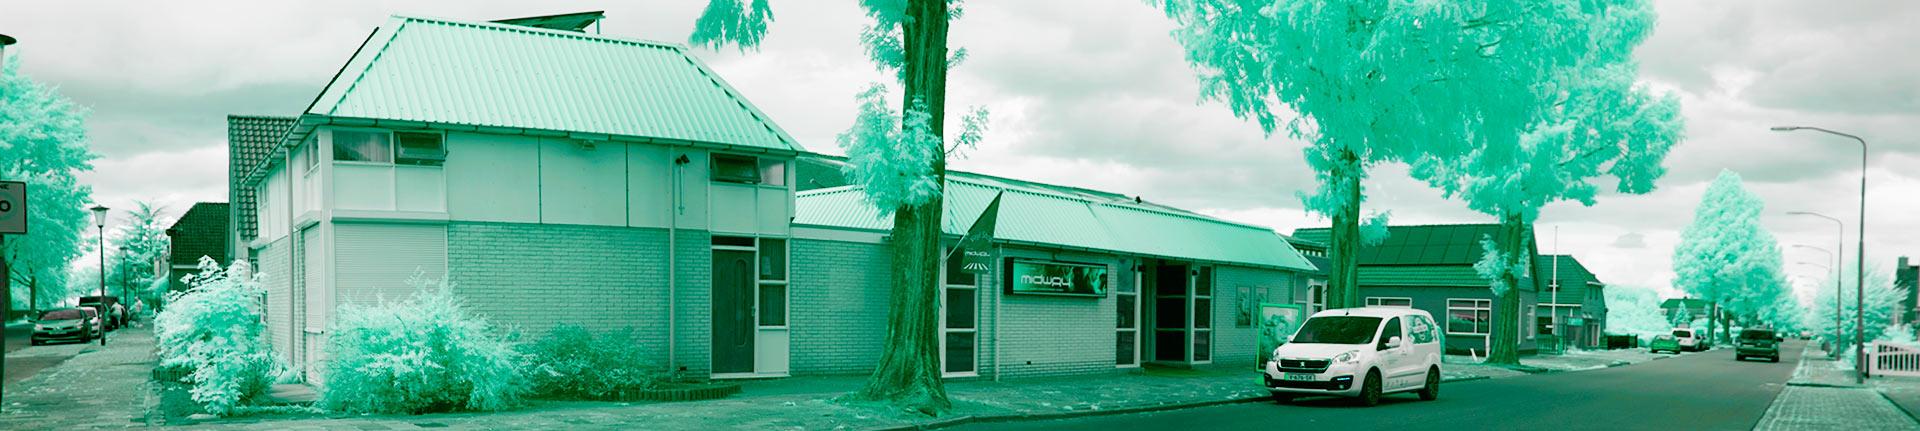 Vape Store Jolly Smoker Veendam - Groningen